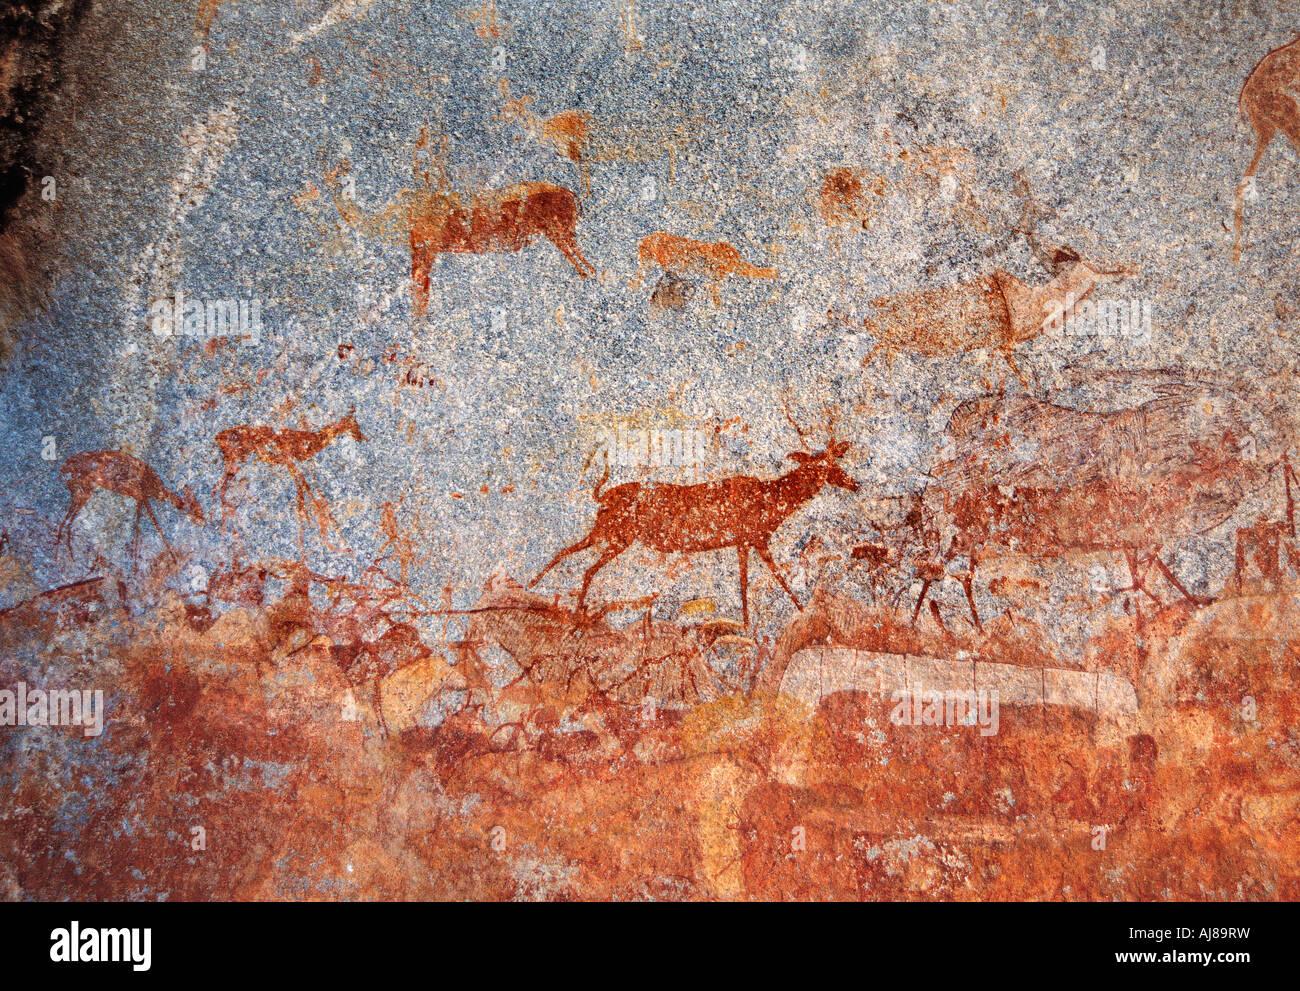 San Bosquimanos Nswatugi pinturas rupestres en el Parque Nacional de Matobo Zimbabwe Imagen De Stock